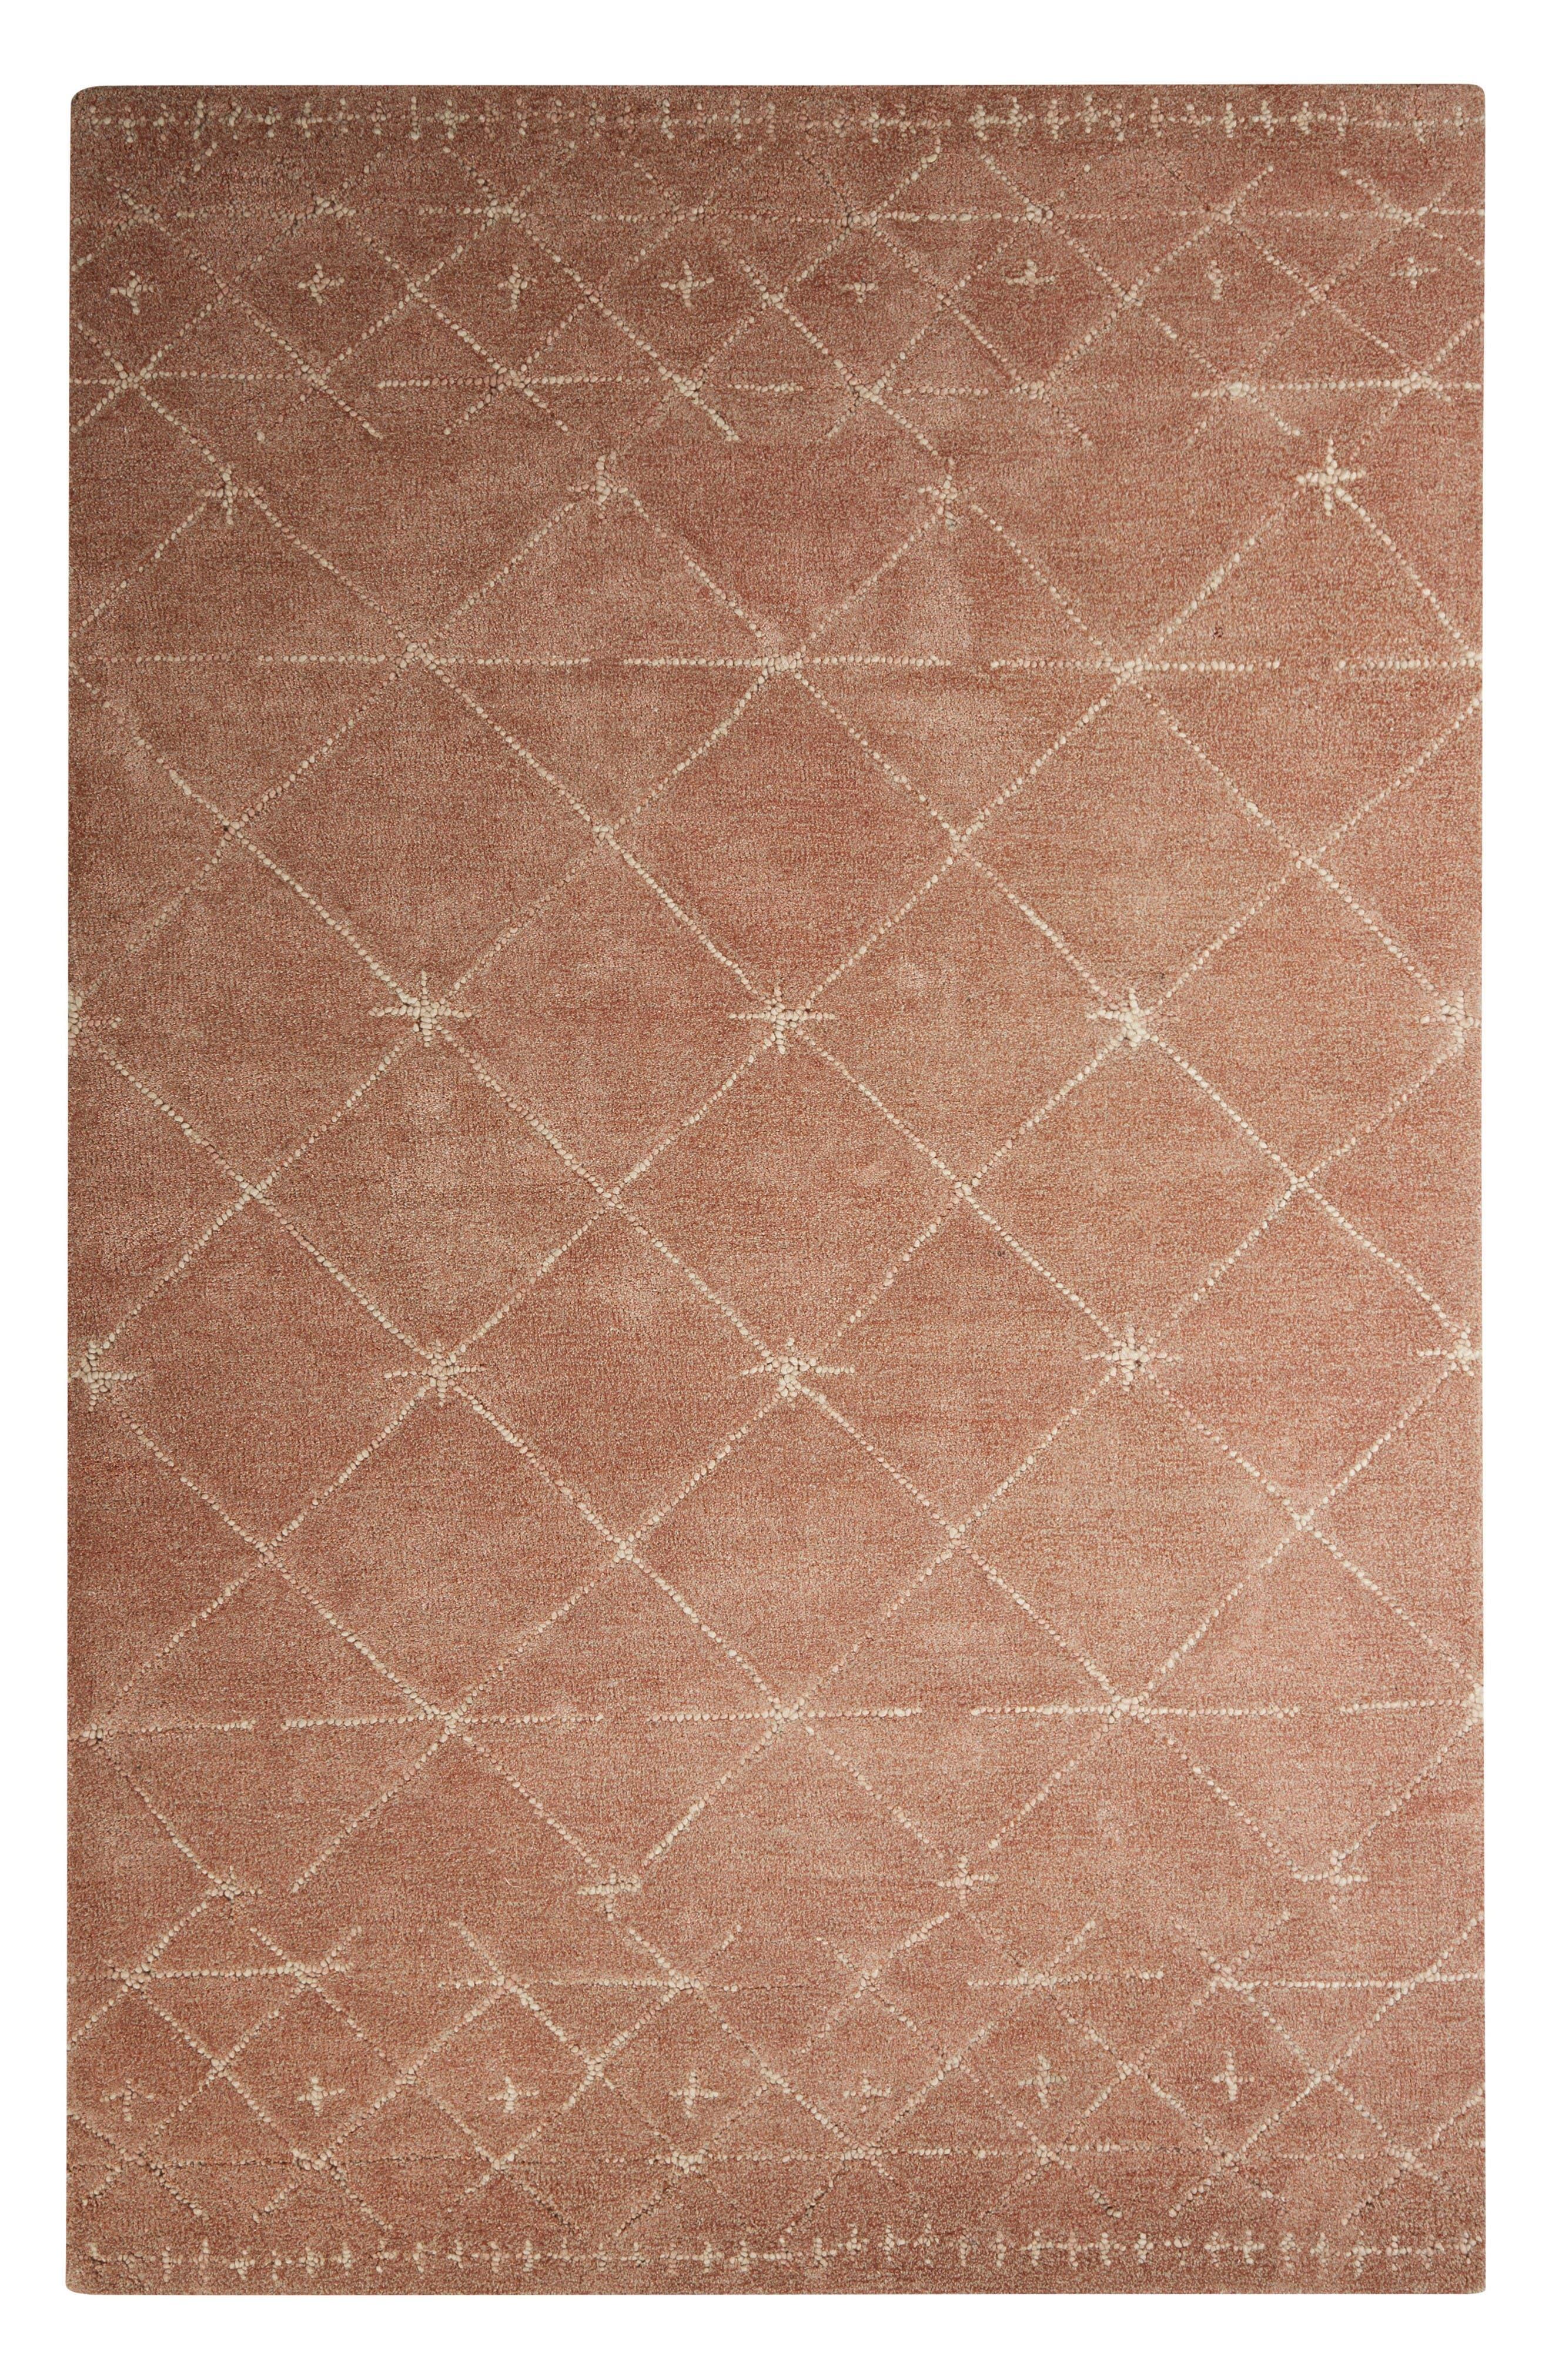 Jaipur Vintage Blush Rug